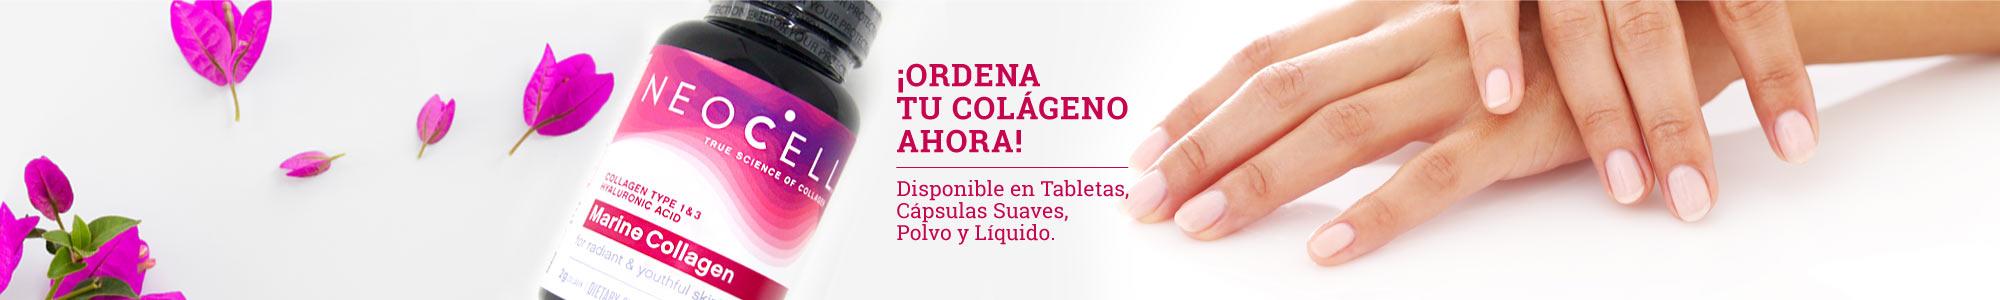 ¡ORDENA TU COLÁGENO AHORA! Disponible en Tabletas, Cápsulas Suaves, Polvo y Líquido.